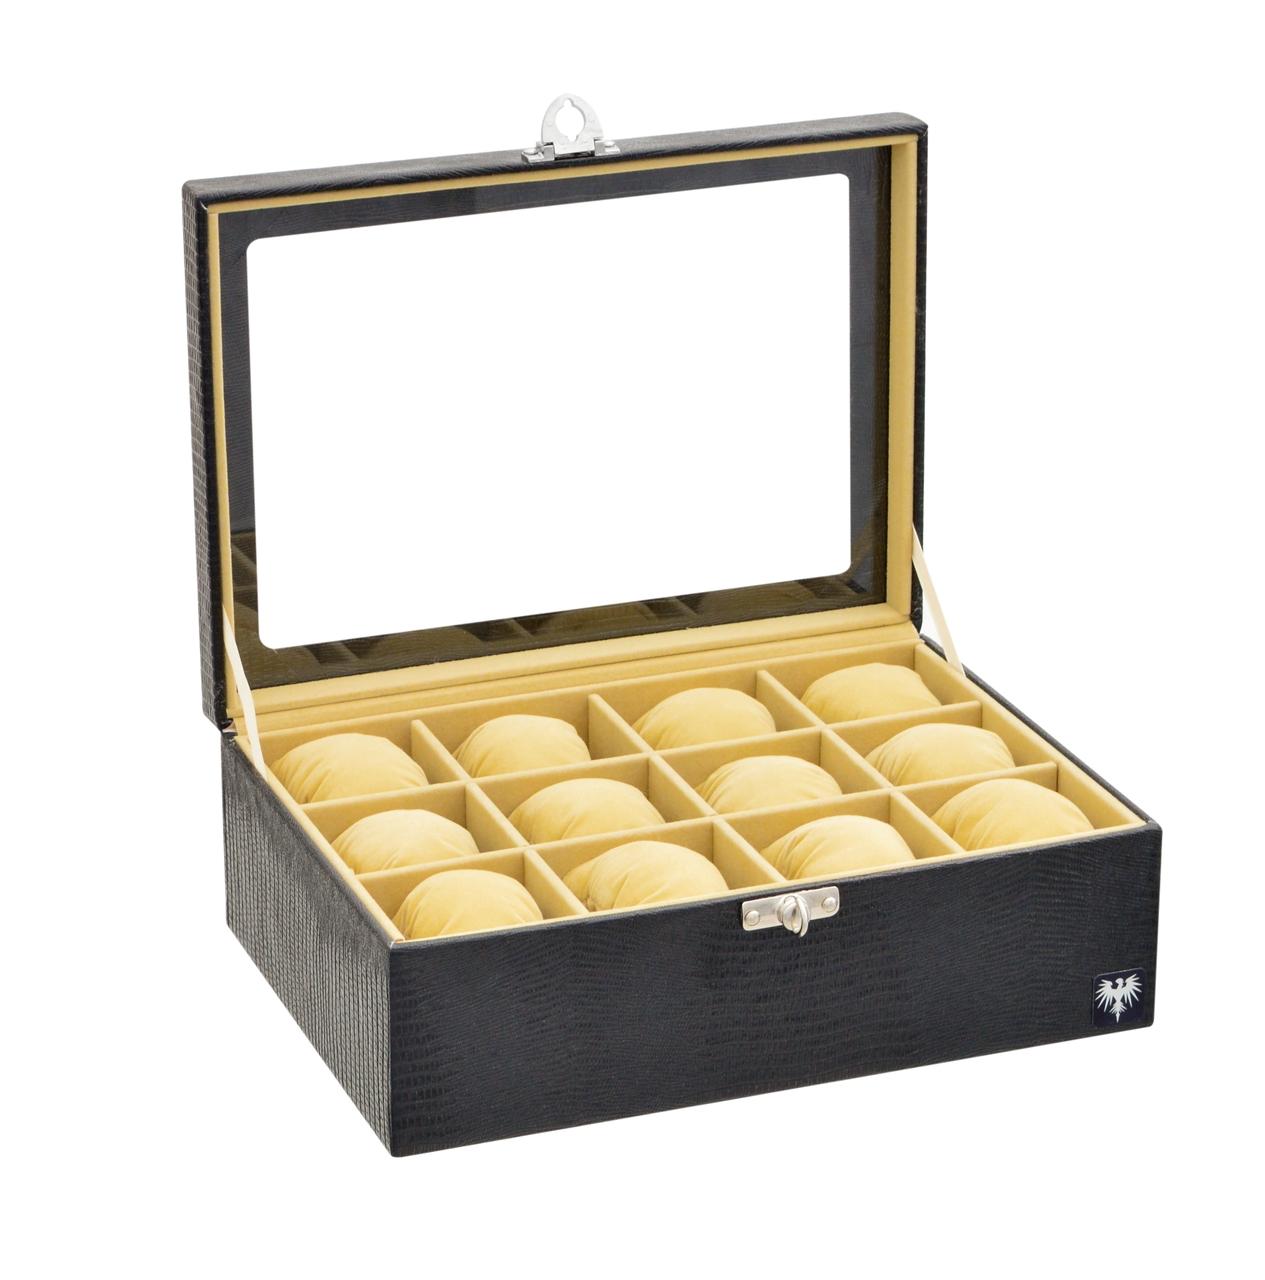 estojo-couro-ecologico-12-relogios-preto-bege-porta-caixa-imagem-10.jpg